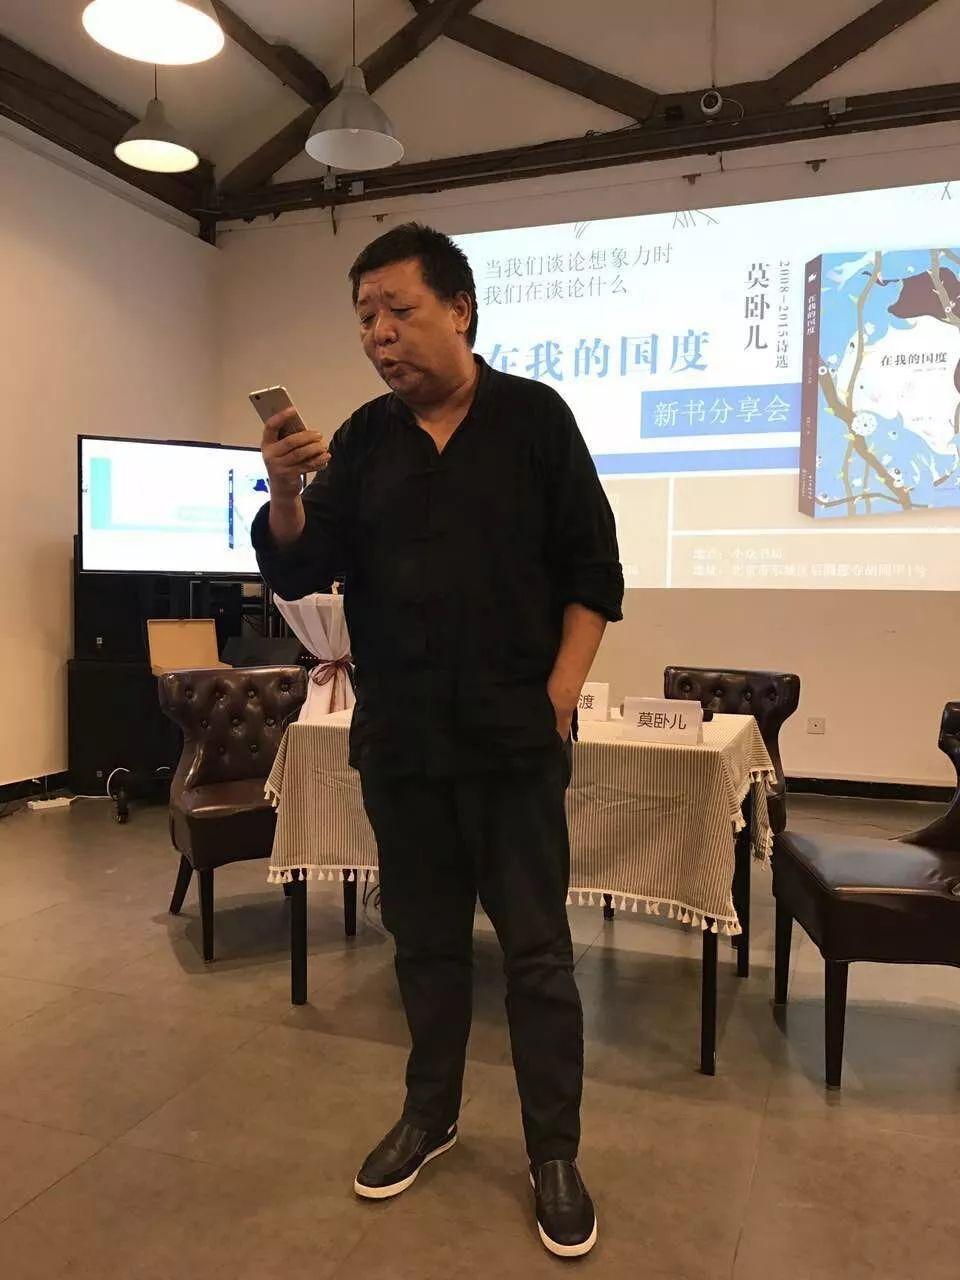 【大咖视点】张德芹:习酒是怎么创造建厂65年以来最新高度的?